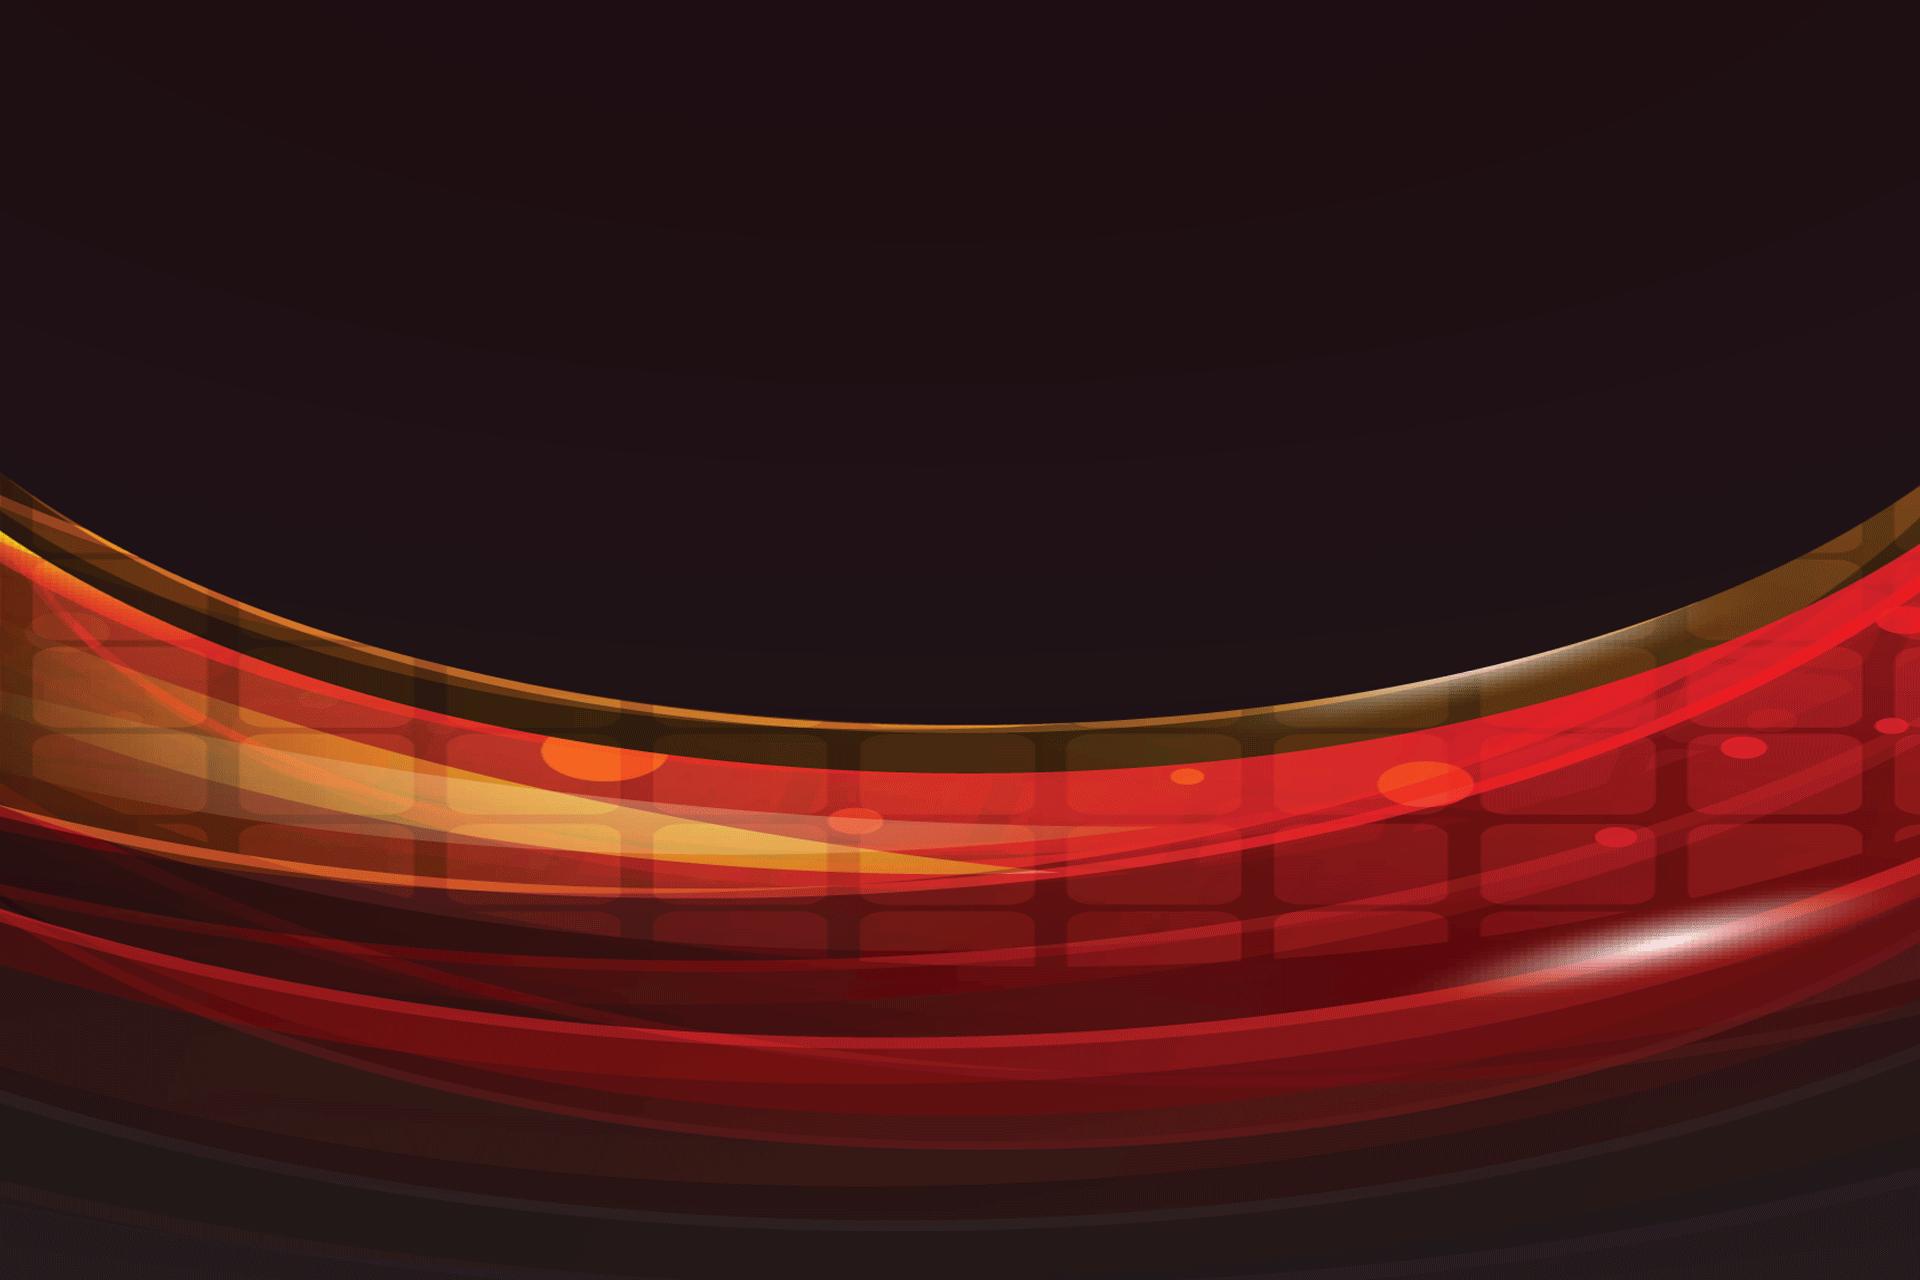 1920x1280-bg